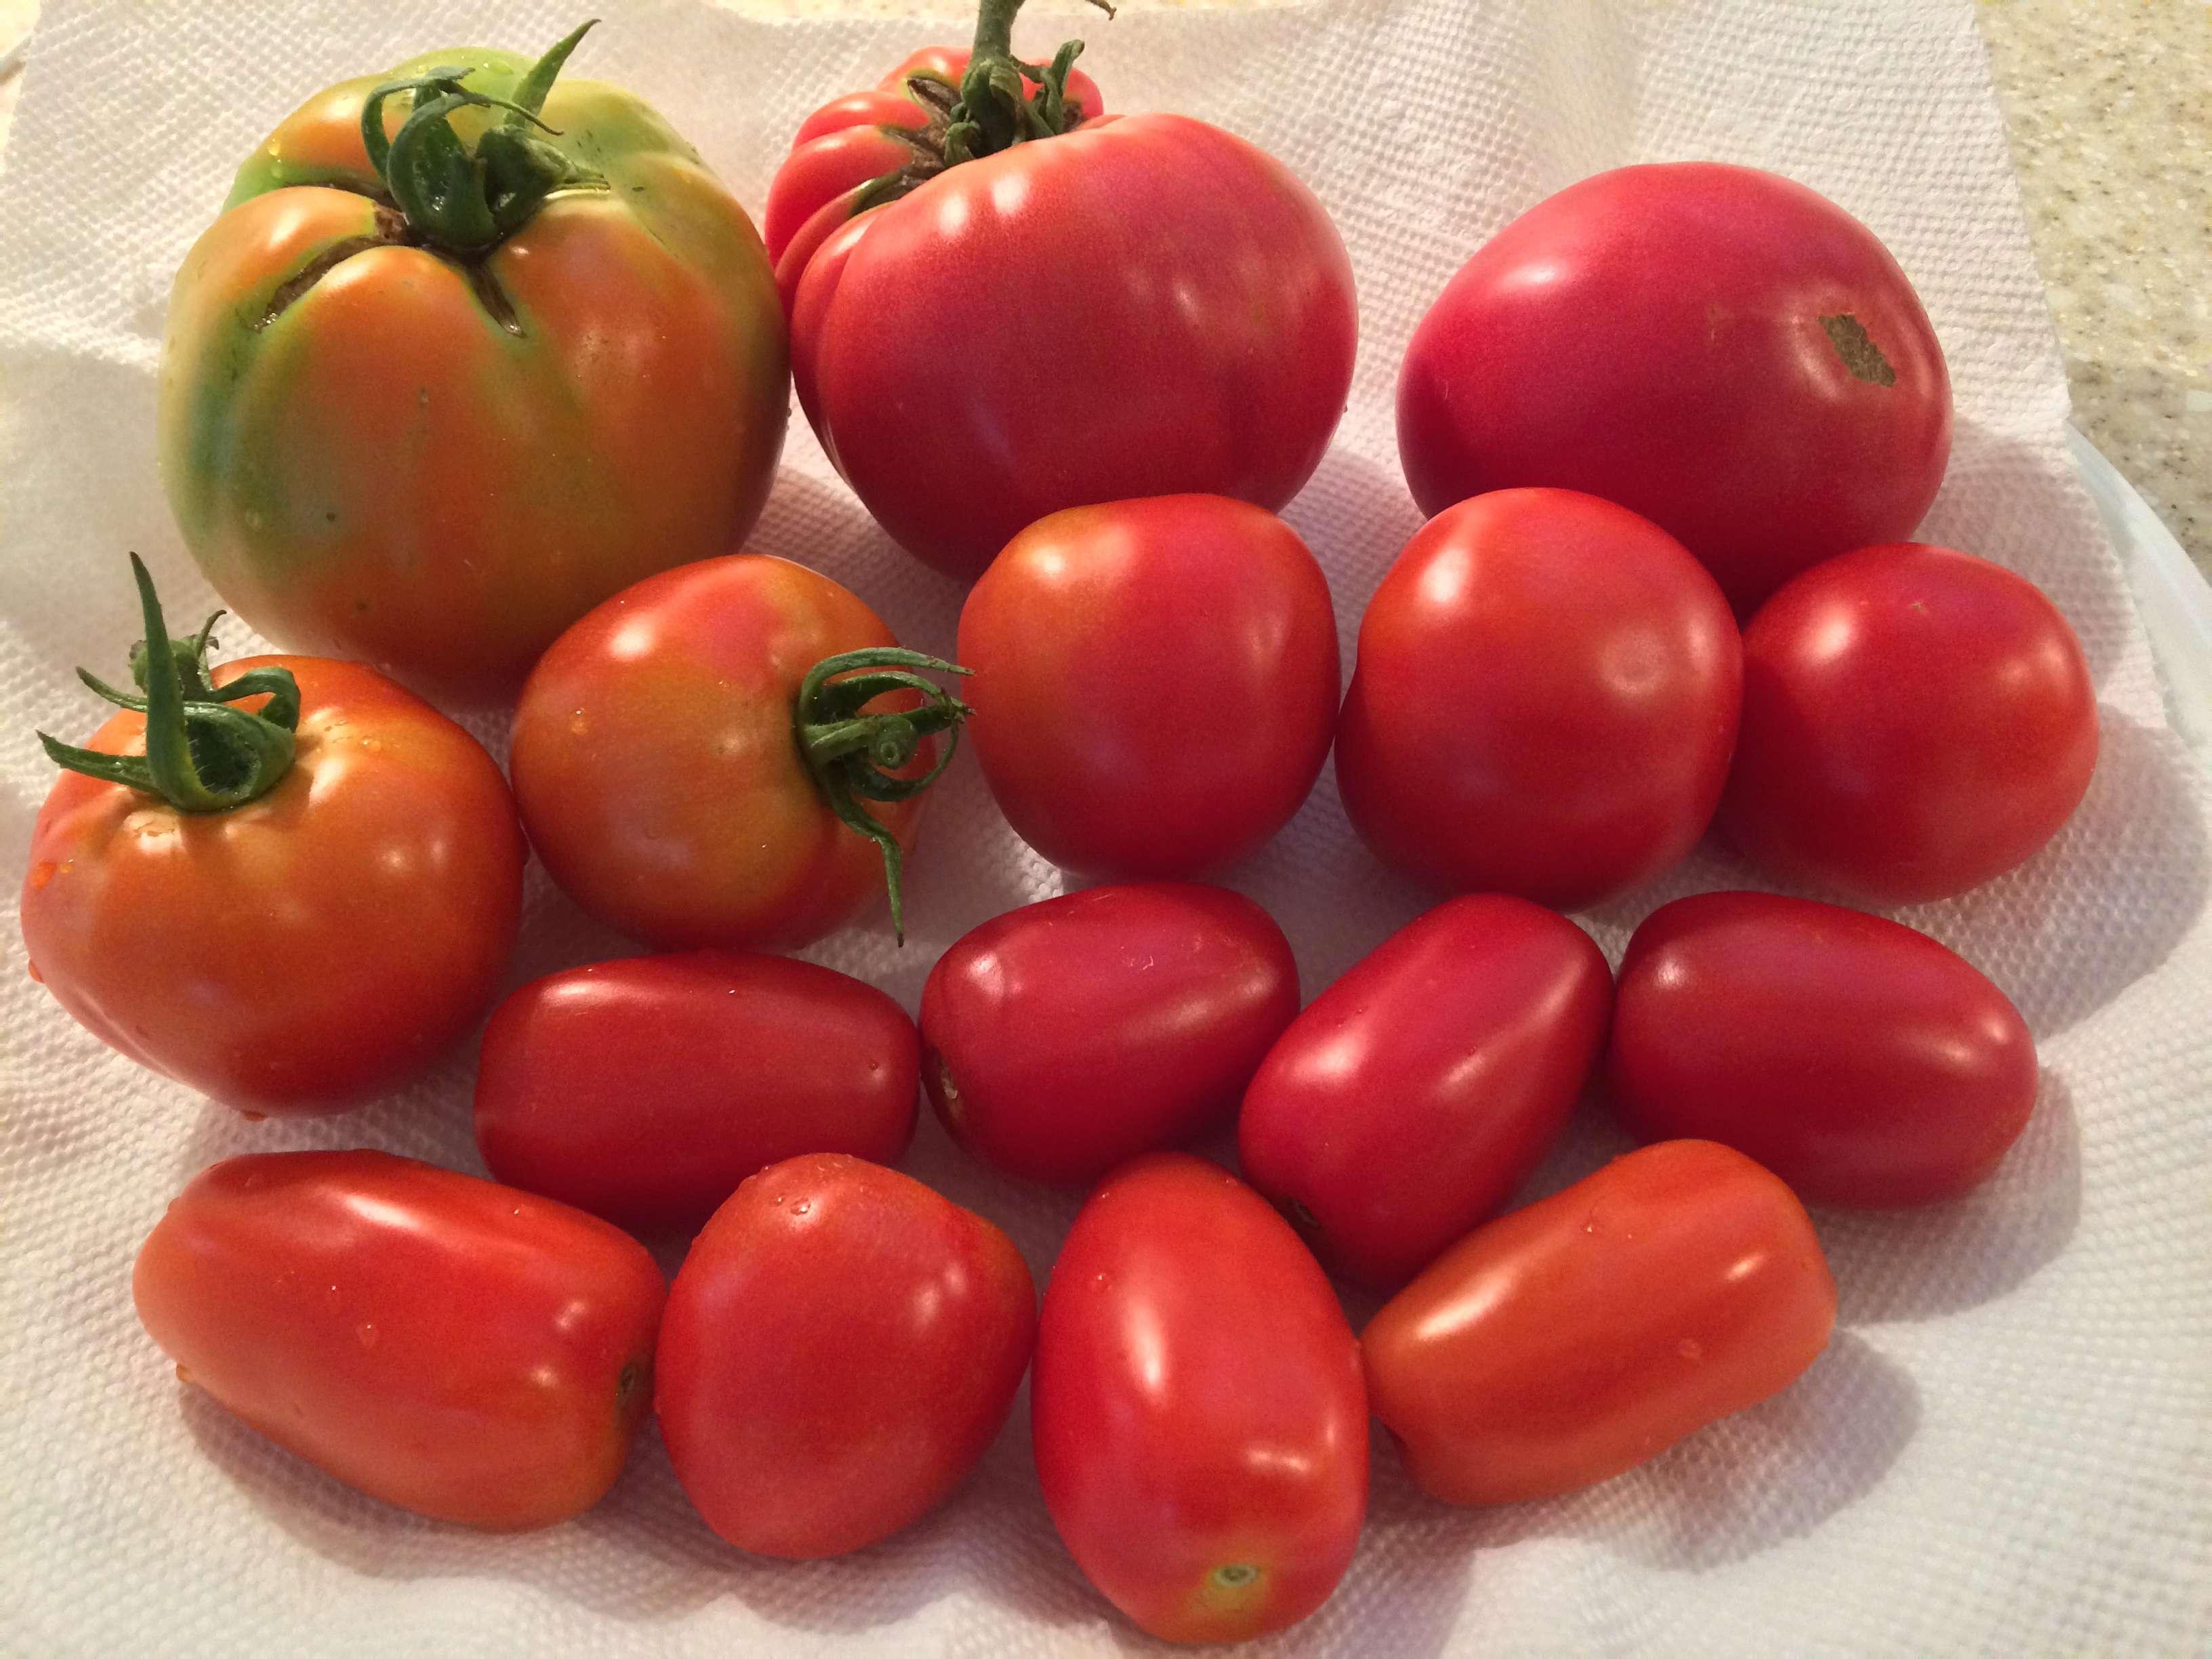 Tomato Tuesday - 2018 & 2019 - Page 3 Tomato30